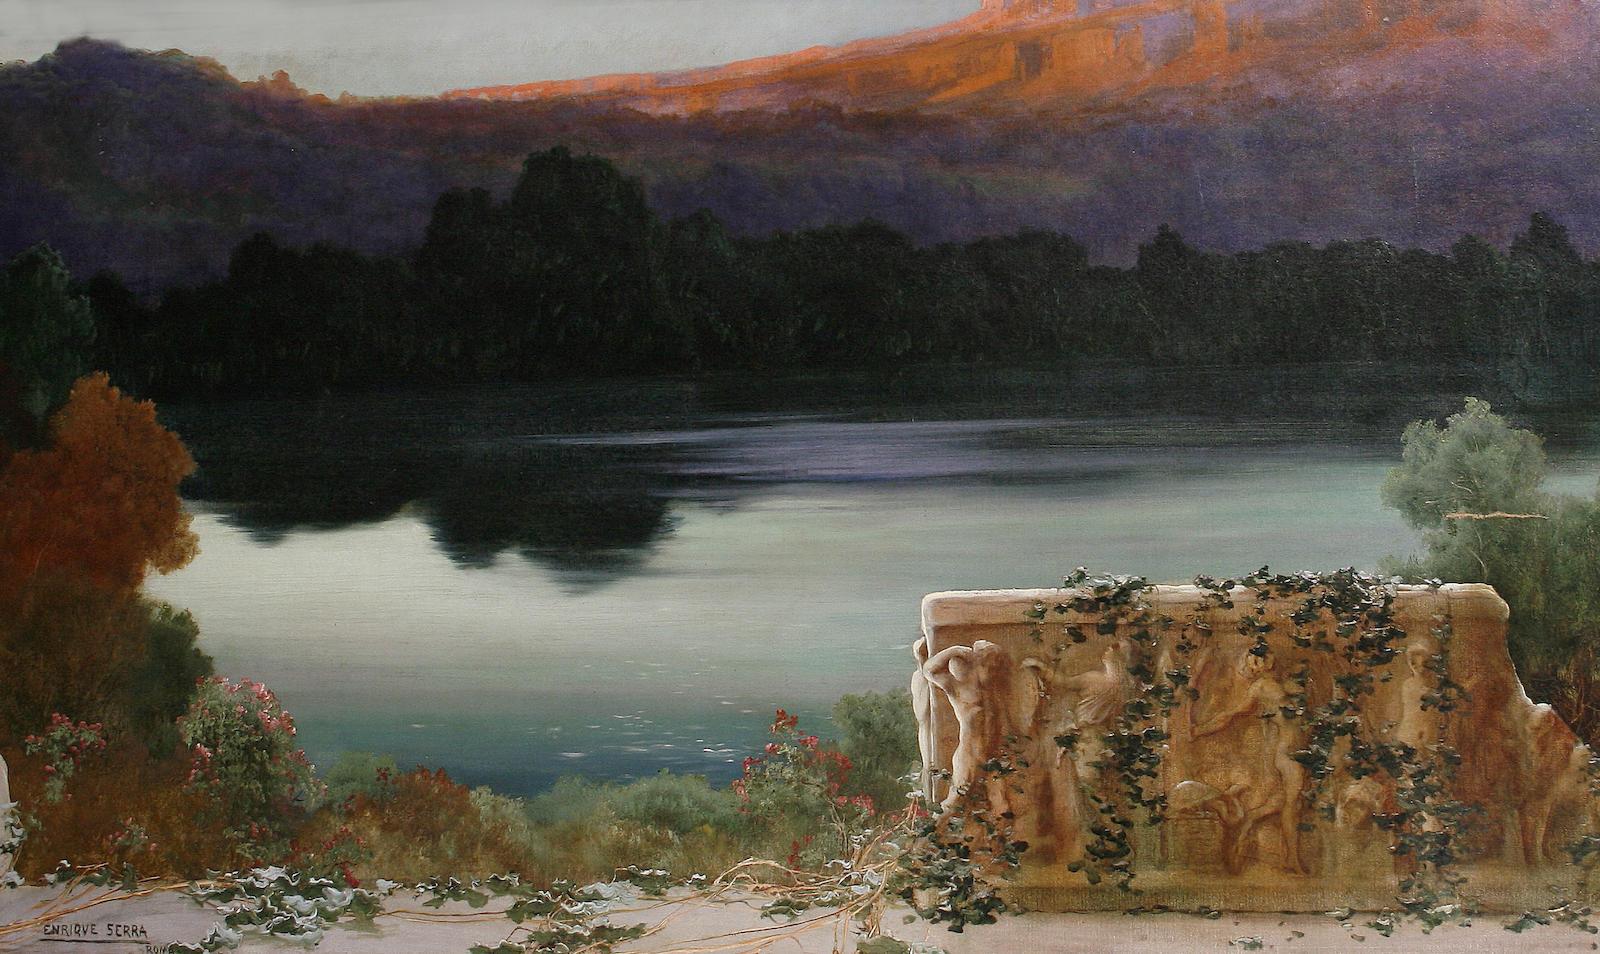 Enrique  Serra  y  Auque  Lake  scene  at  sunset